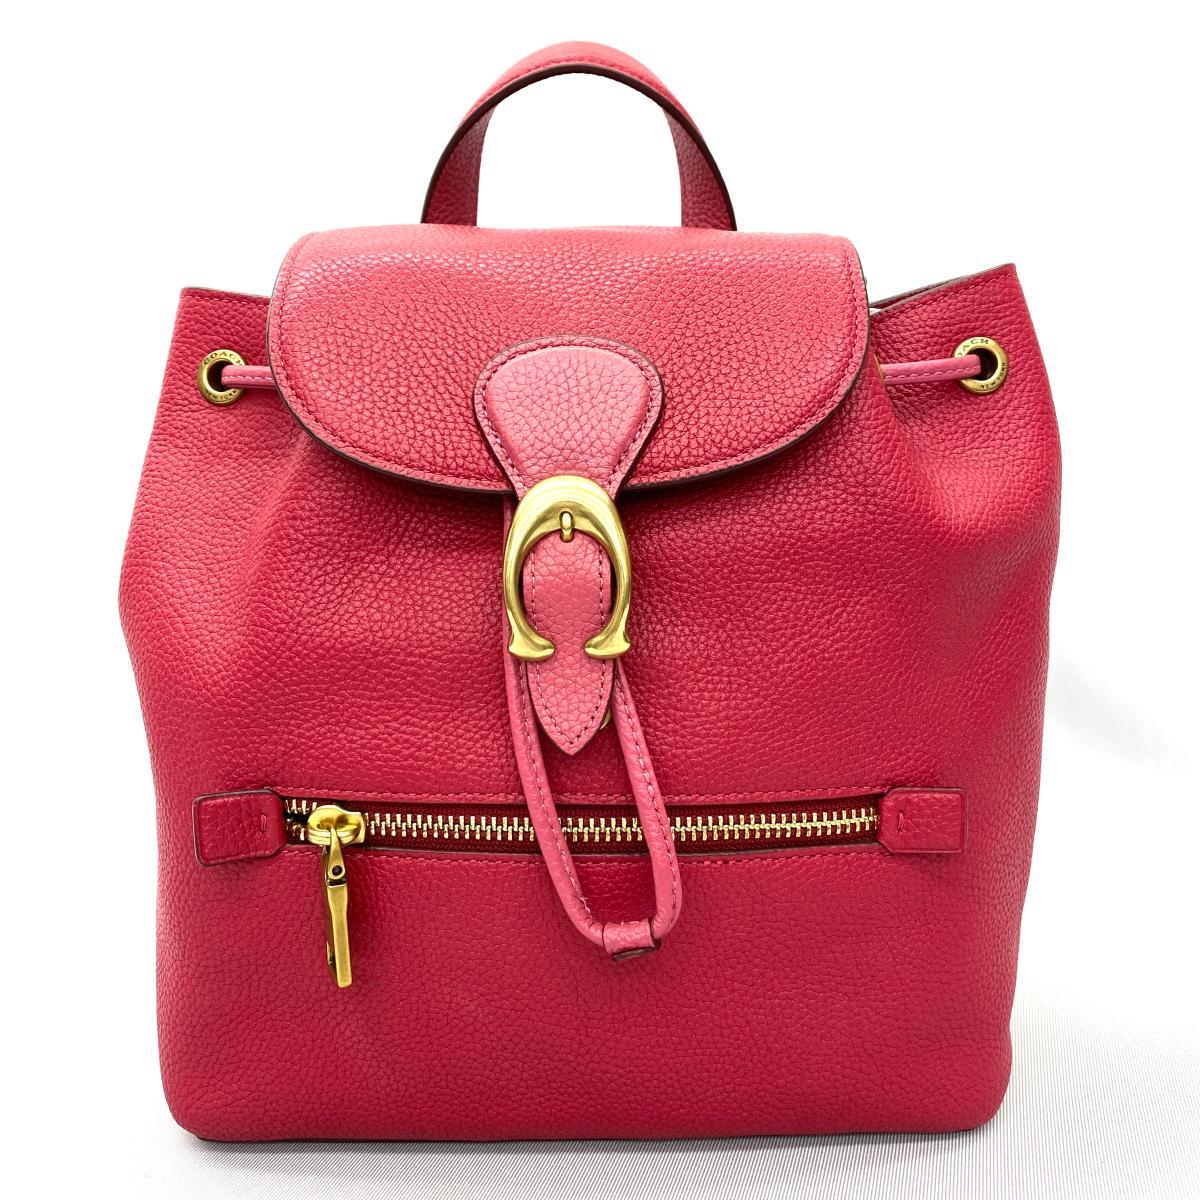 良好 COACH コーチ レザーリュック pink 贈答品 永遠の定番モデル ピンク レディース バッグ 鞄 中古 皮革 KA1011